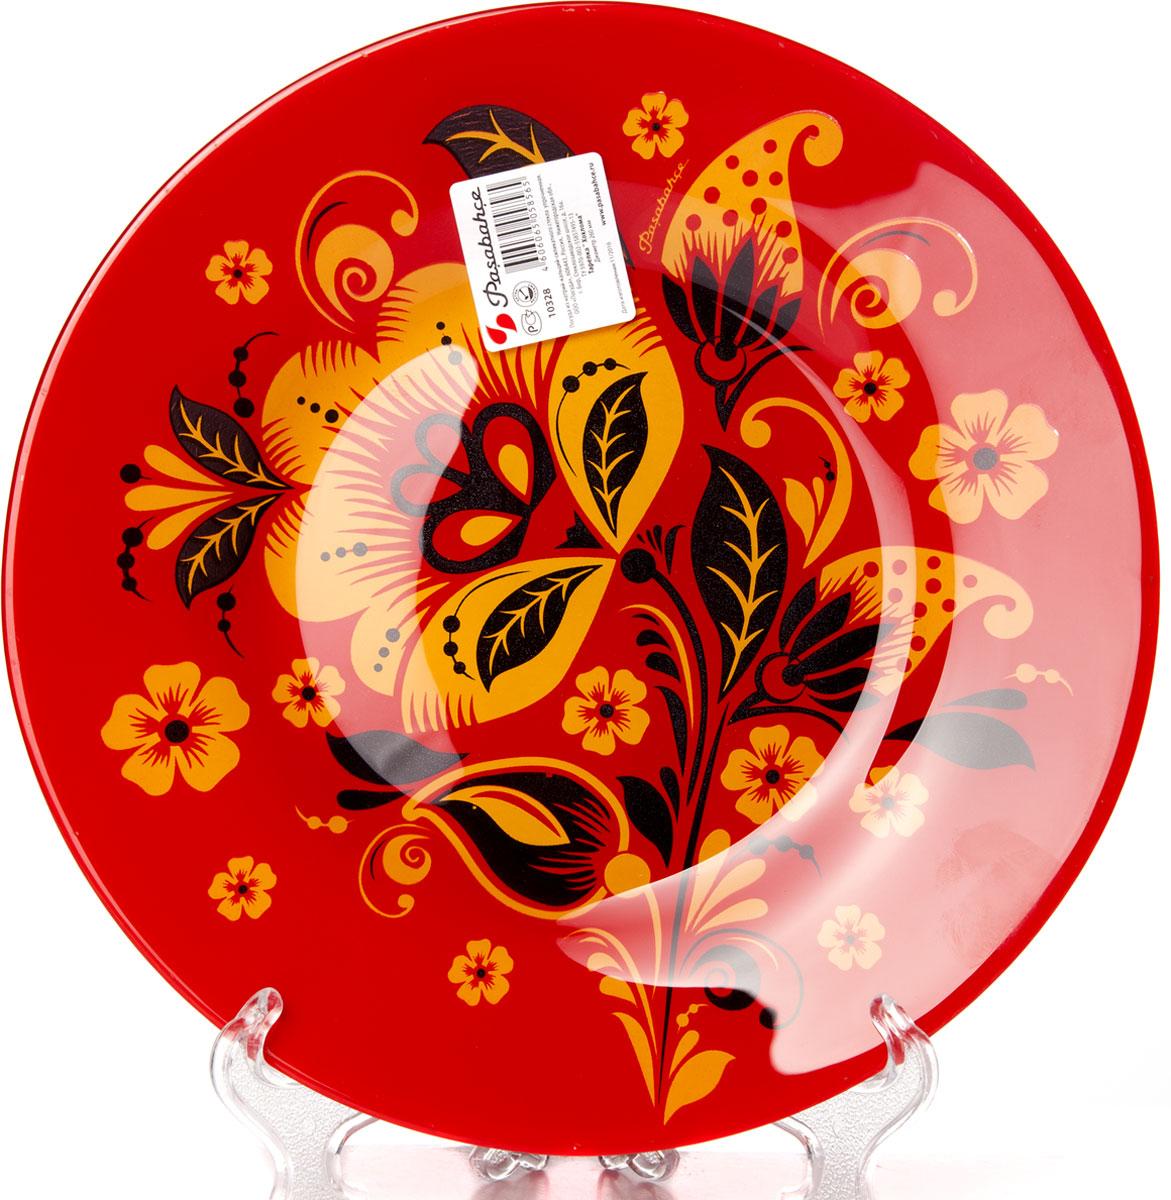 Тарелка Pasabahce Хохлома, диаметр 26 см2158006Тарелка Pasabahce Хохлома выполнена из качественного стекла и украшена рисунком хохлома. Тарелка прекрасно подойдет в качестве сервировочногоблюда для фруктов, десертов, закусок, торта и другого.Изящная тарелка прекрасно оформит праздничный стол и порадует вас и ваших гостей изысканным дизайном и формой. Диаметр тарелки: 26 см.